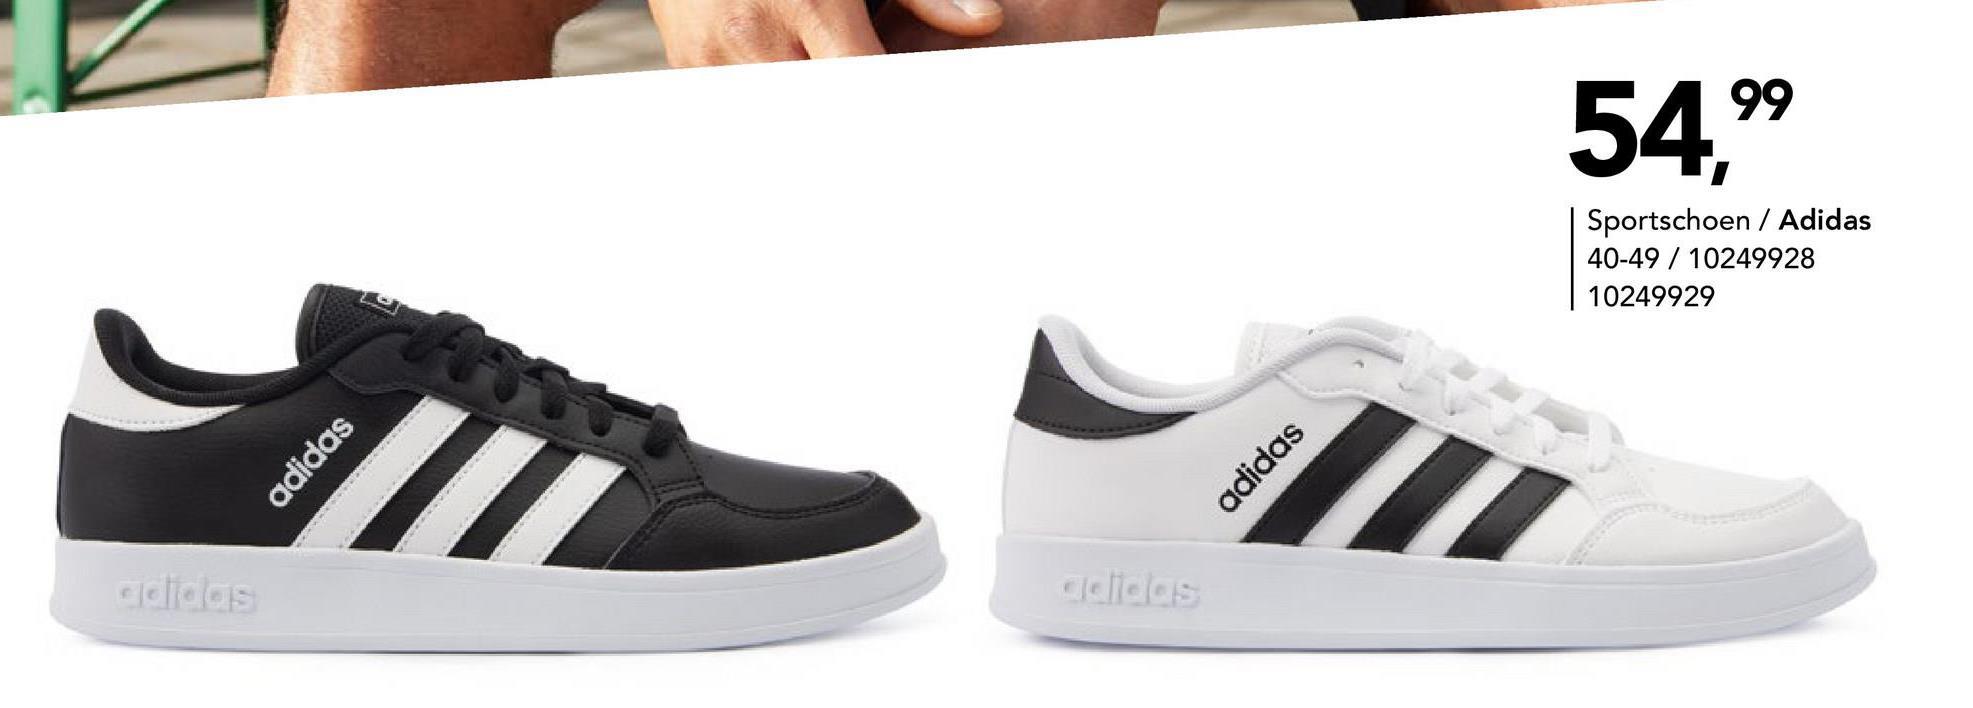 Sneakers Breaknet Adidas - Zwart - maat 40 - Heren   - Goedkope Sportschoenen - Synthetisch Sportieve, zwarte Breaknet Adidas-sneaker met witte strepen voor heren. Shop deze trendy en tijdloze herensneaker nu bij Bristol!